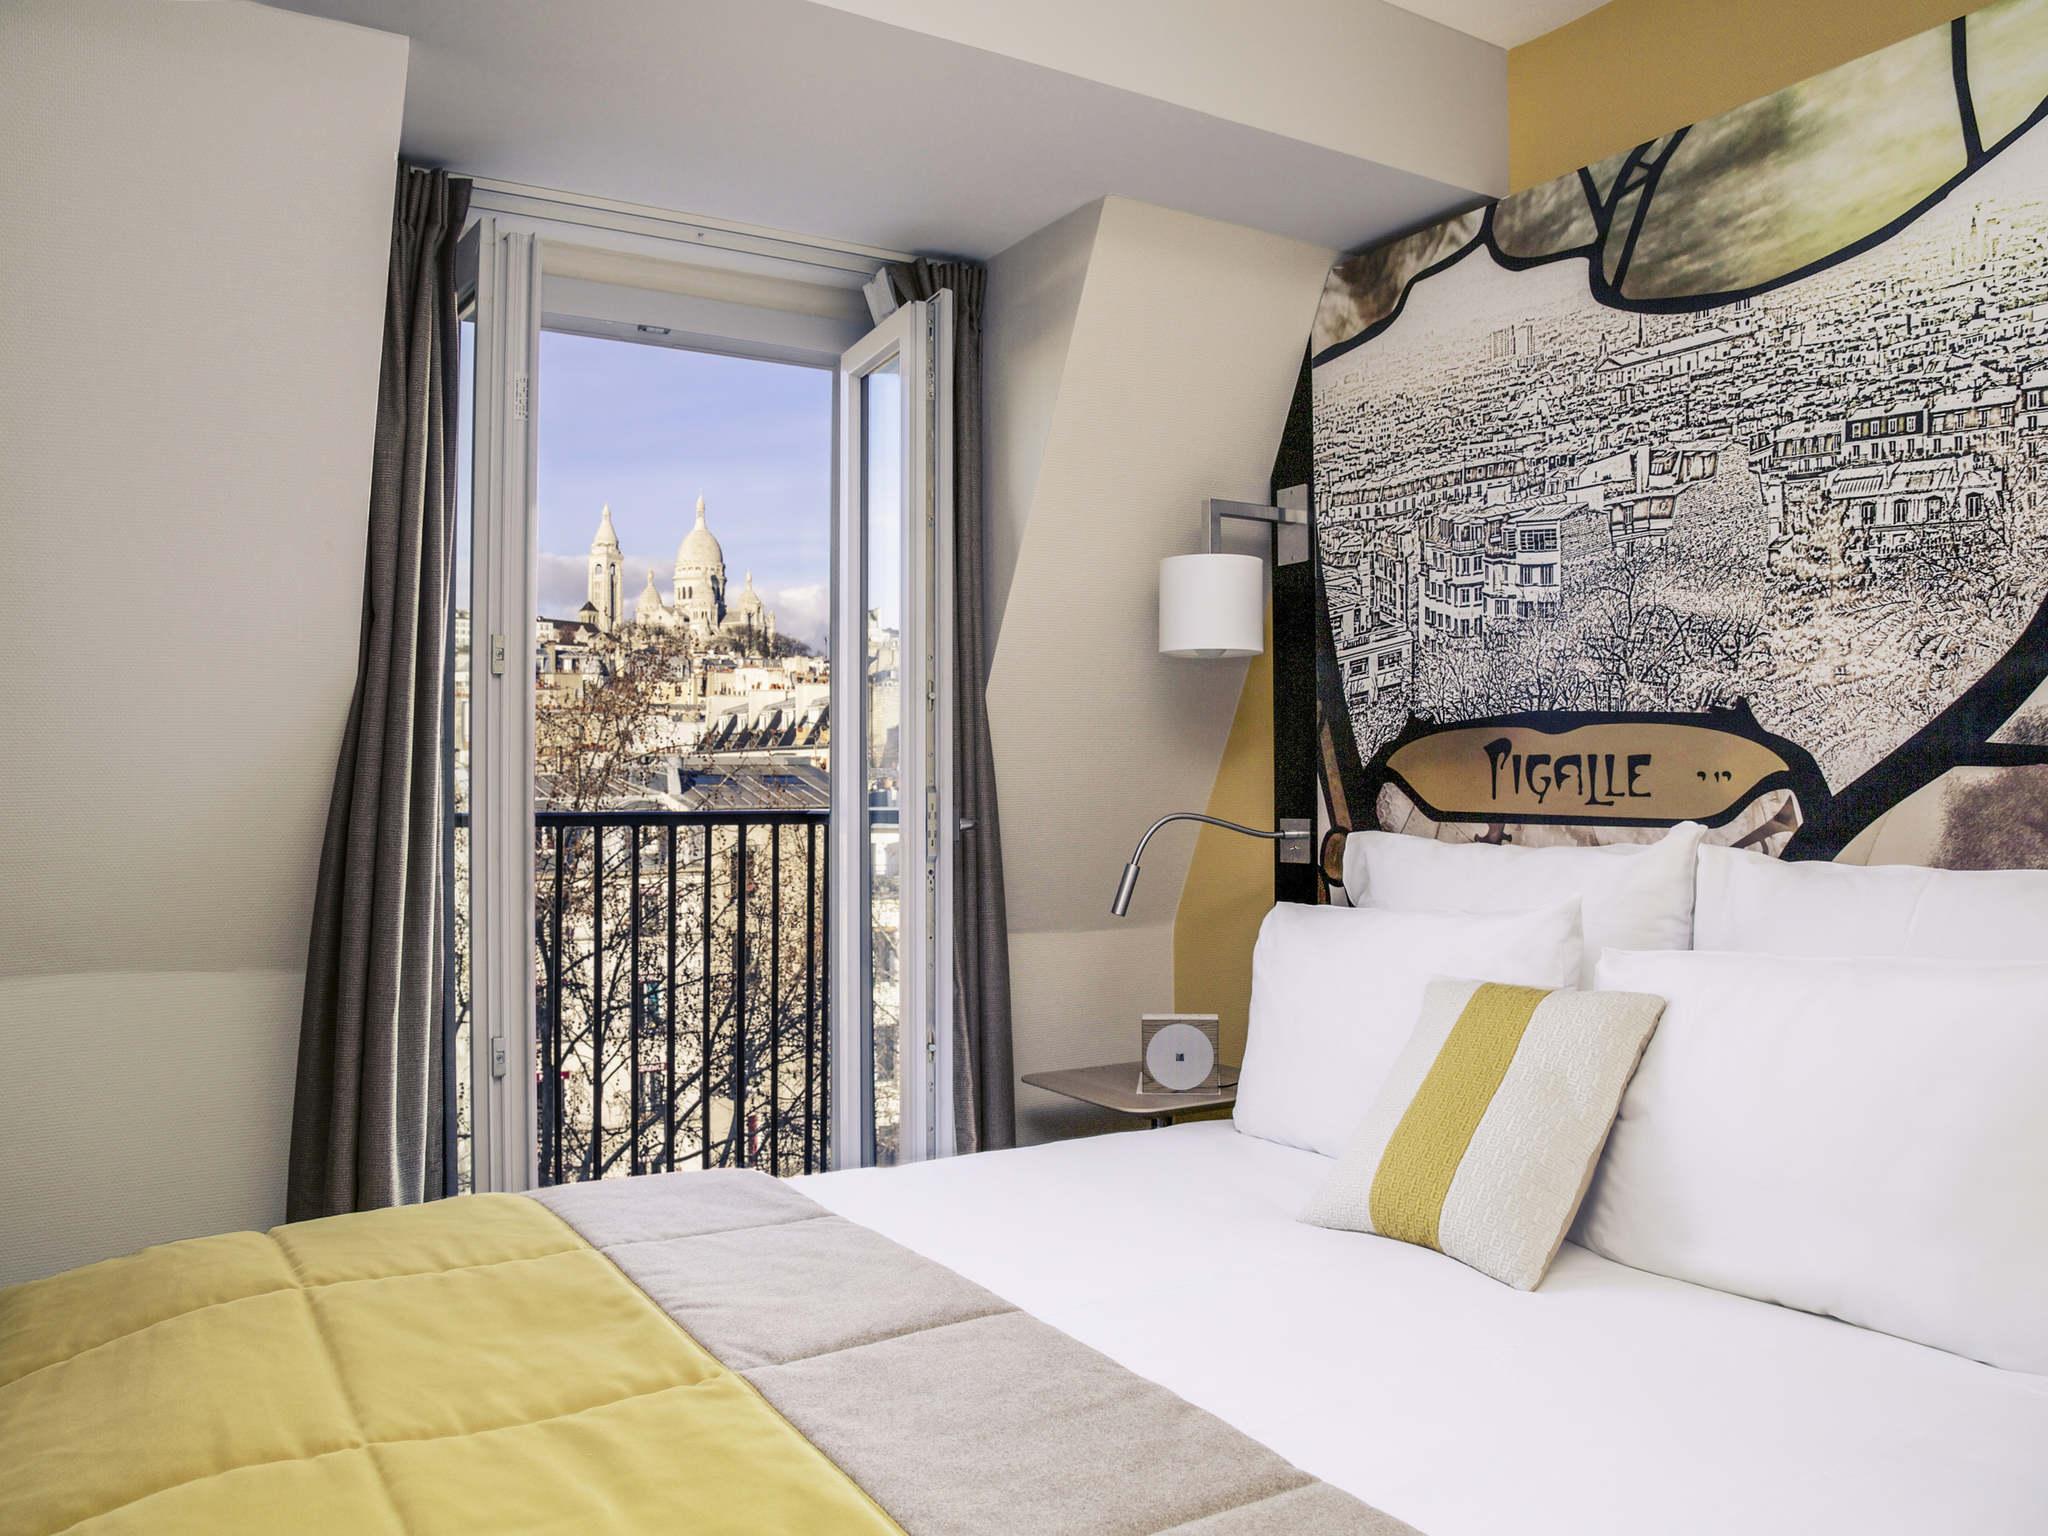 Hotel - Mercure Paris 9 Pigalle Sacre-Coeur hotel